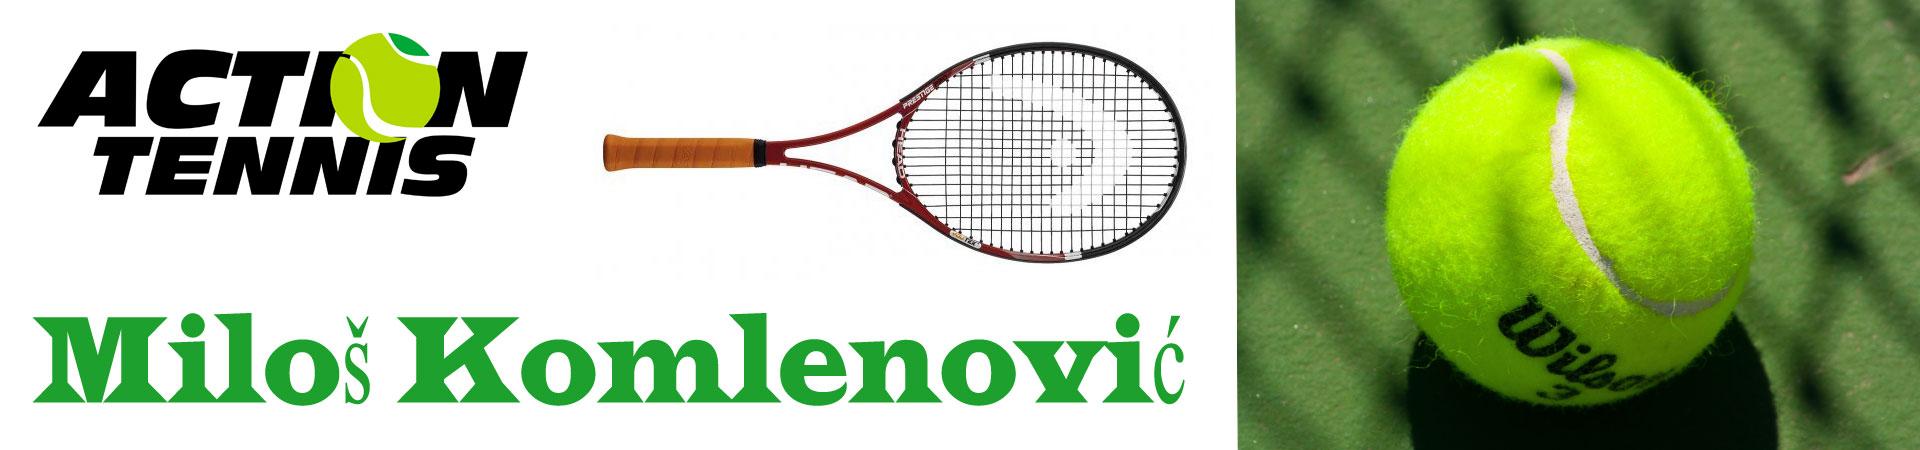 Tenis Beograd